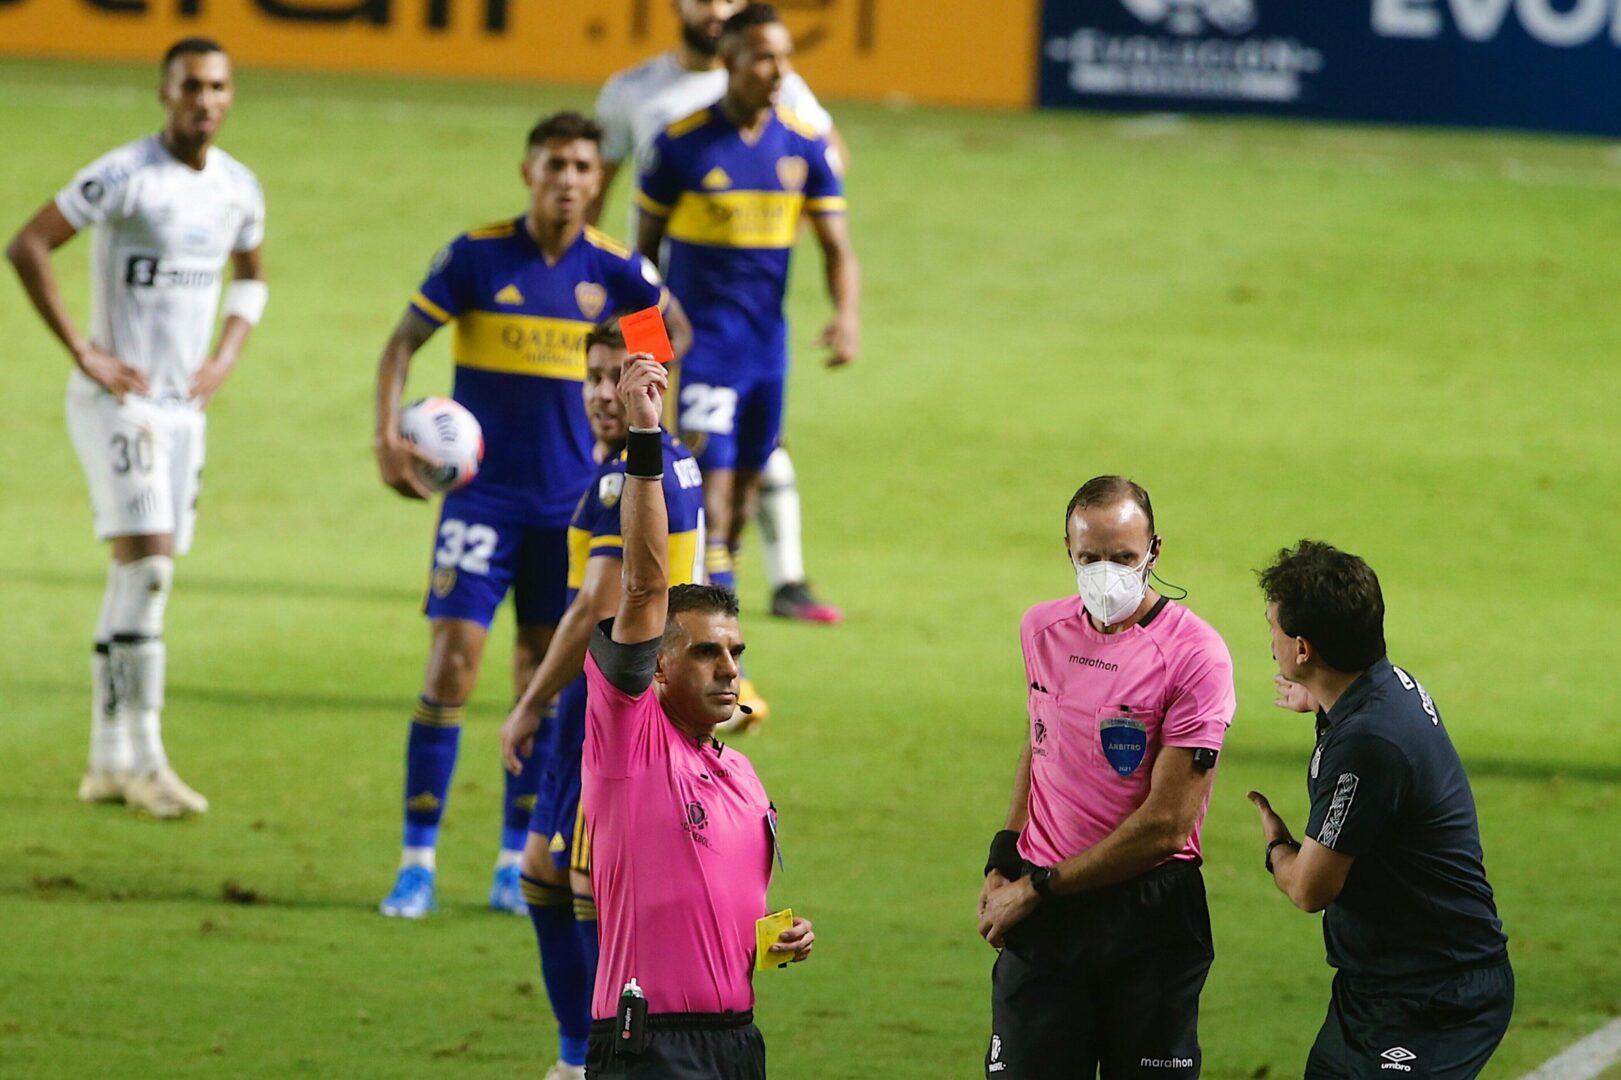 Ausschreitungen nach Achtelfinal-Aus: Spieler von Boca Juniors angeklagt